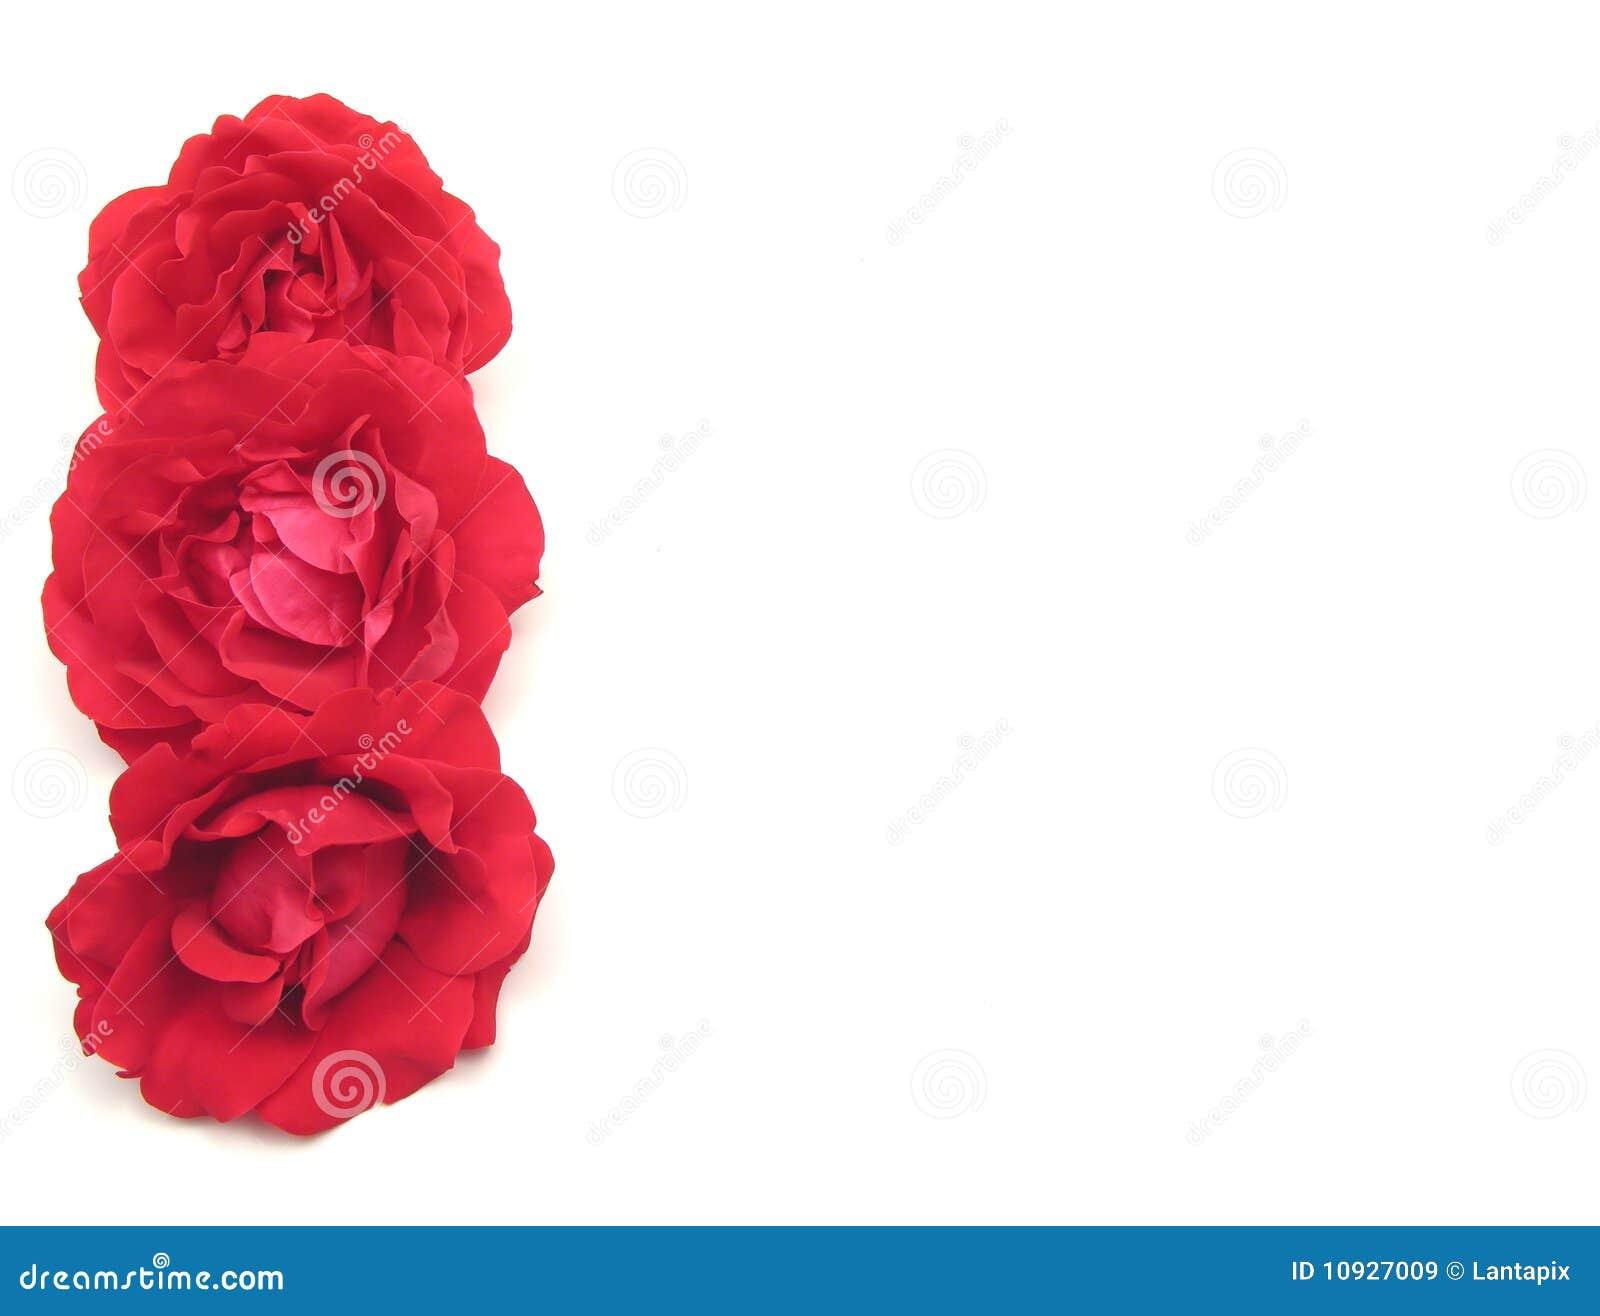 красные розы 3